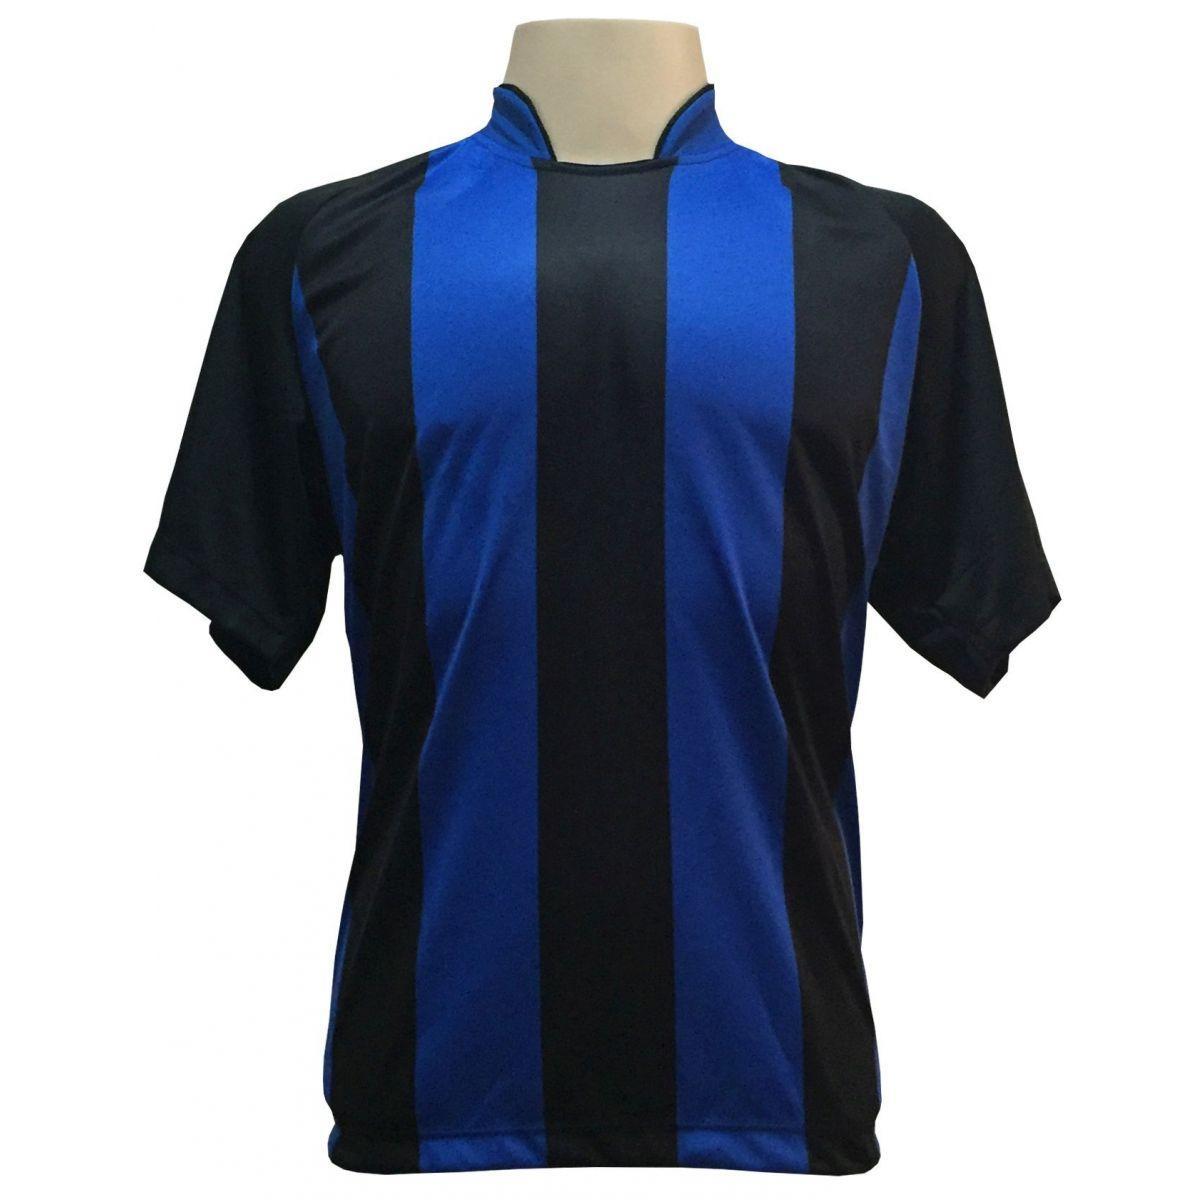 92cb288e92 Uniforme Esportivo com 18 camisas modelo Milan Preto Royal + 18 calções  modelo Madrid Royal + Brindes - Play fair R  709